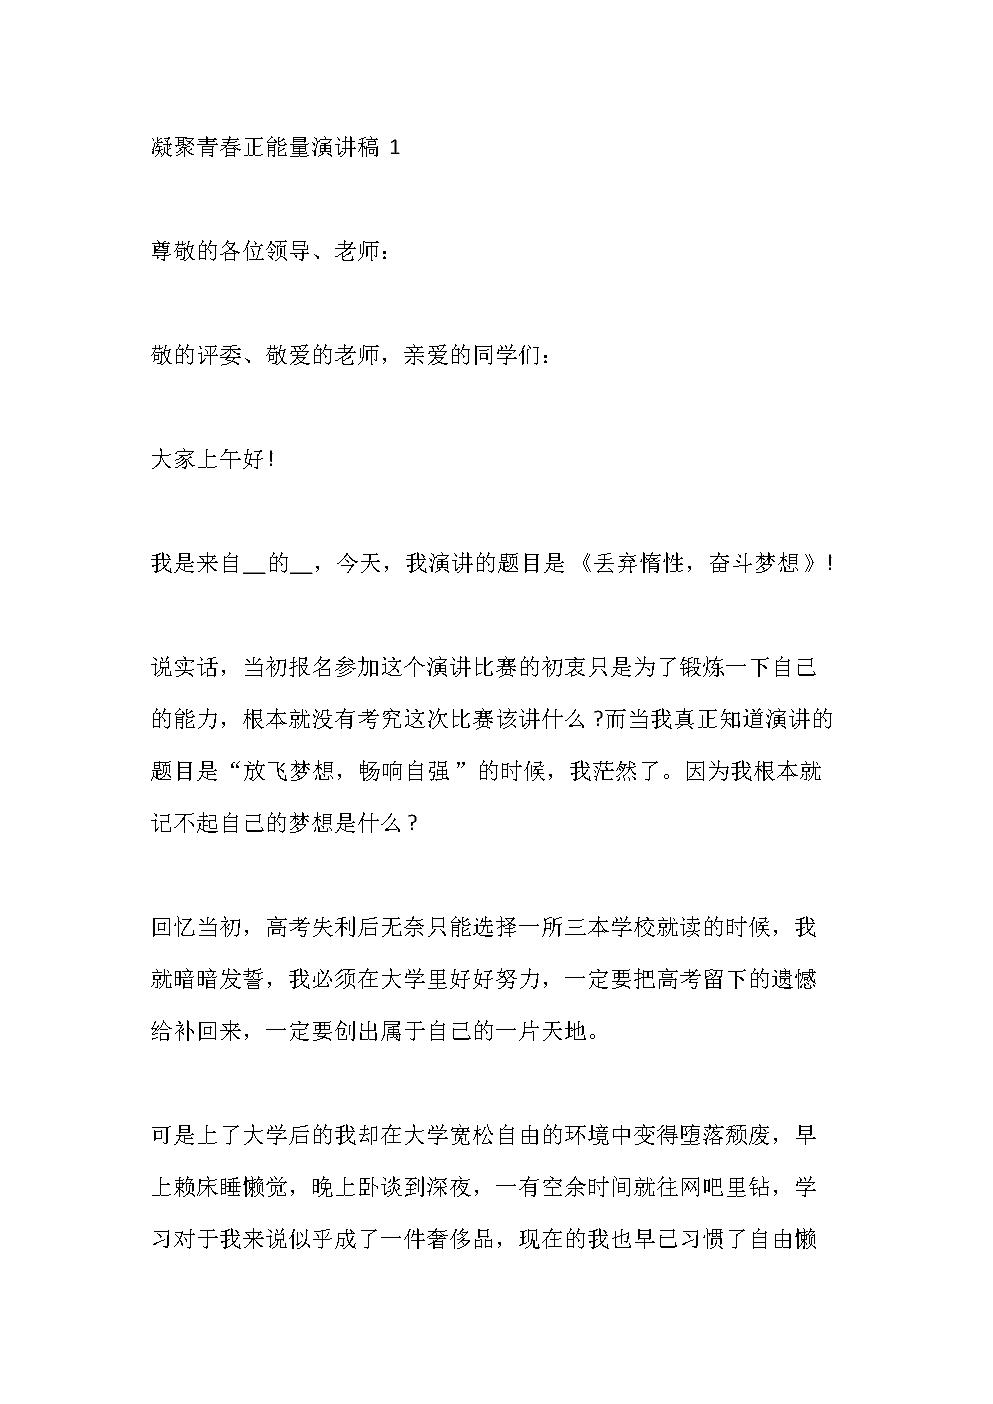 凝聚青春正能量演讲稿5篇.doc